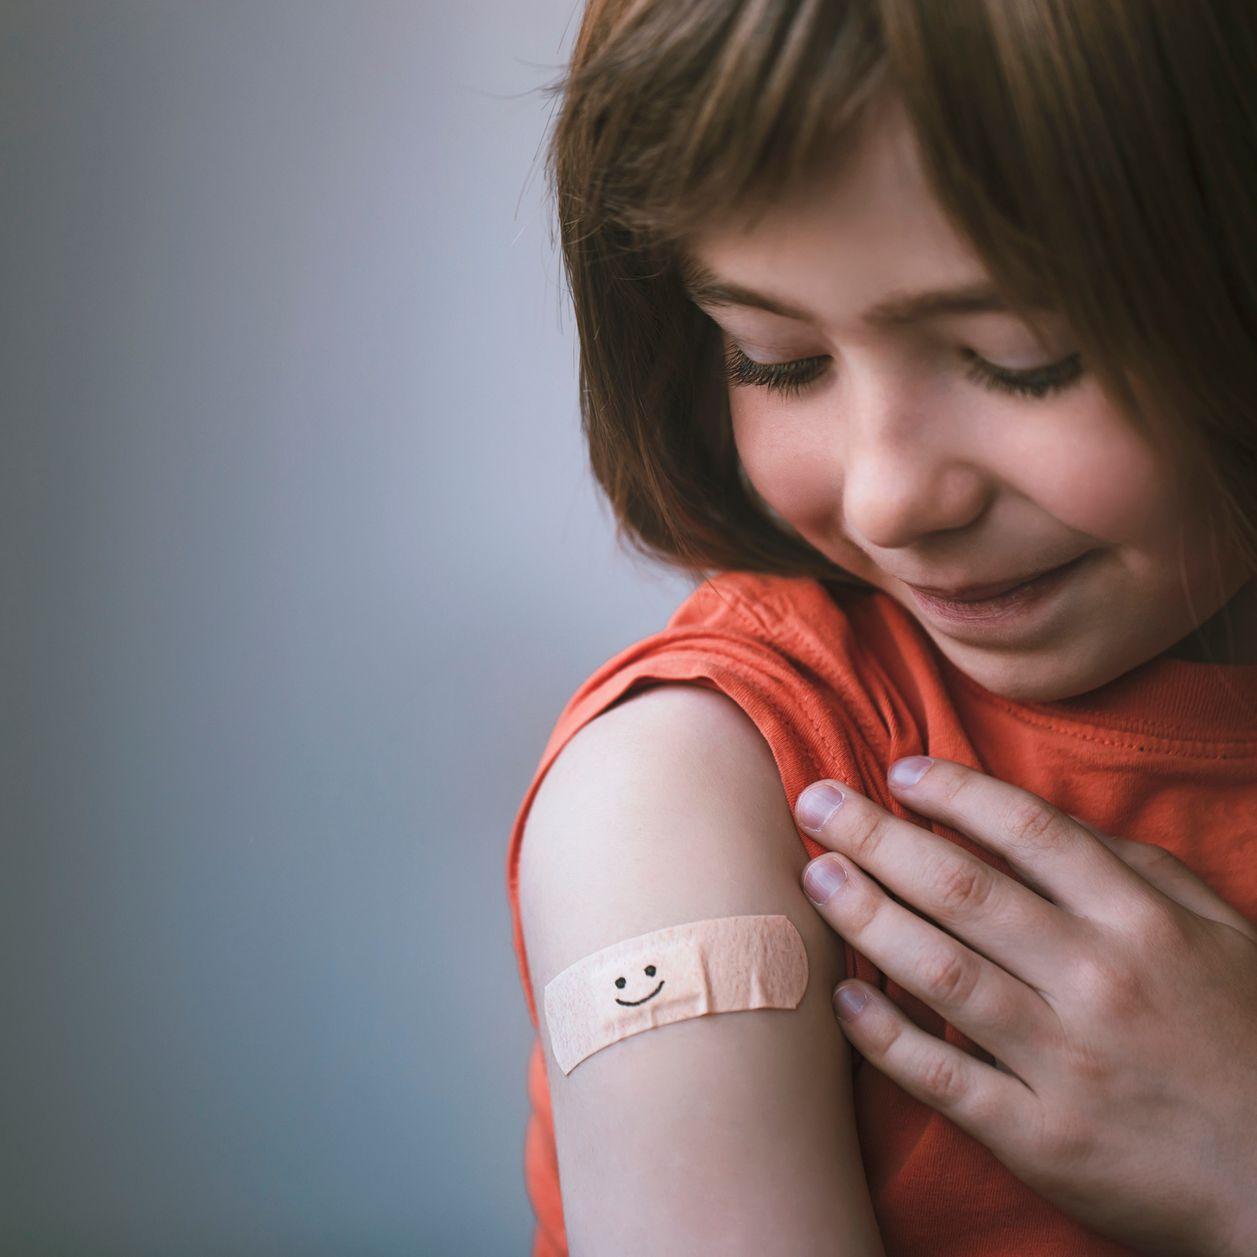 COVID-19 : les enfants de 5 à 11 ans bientôt vaccinés ?